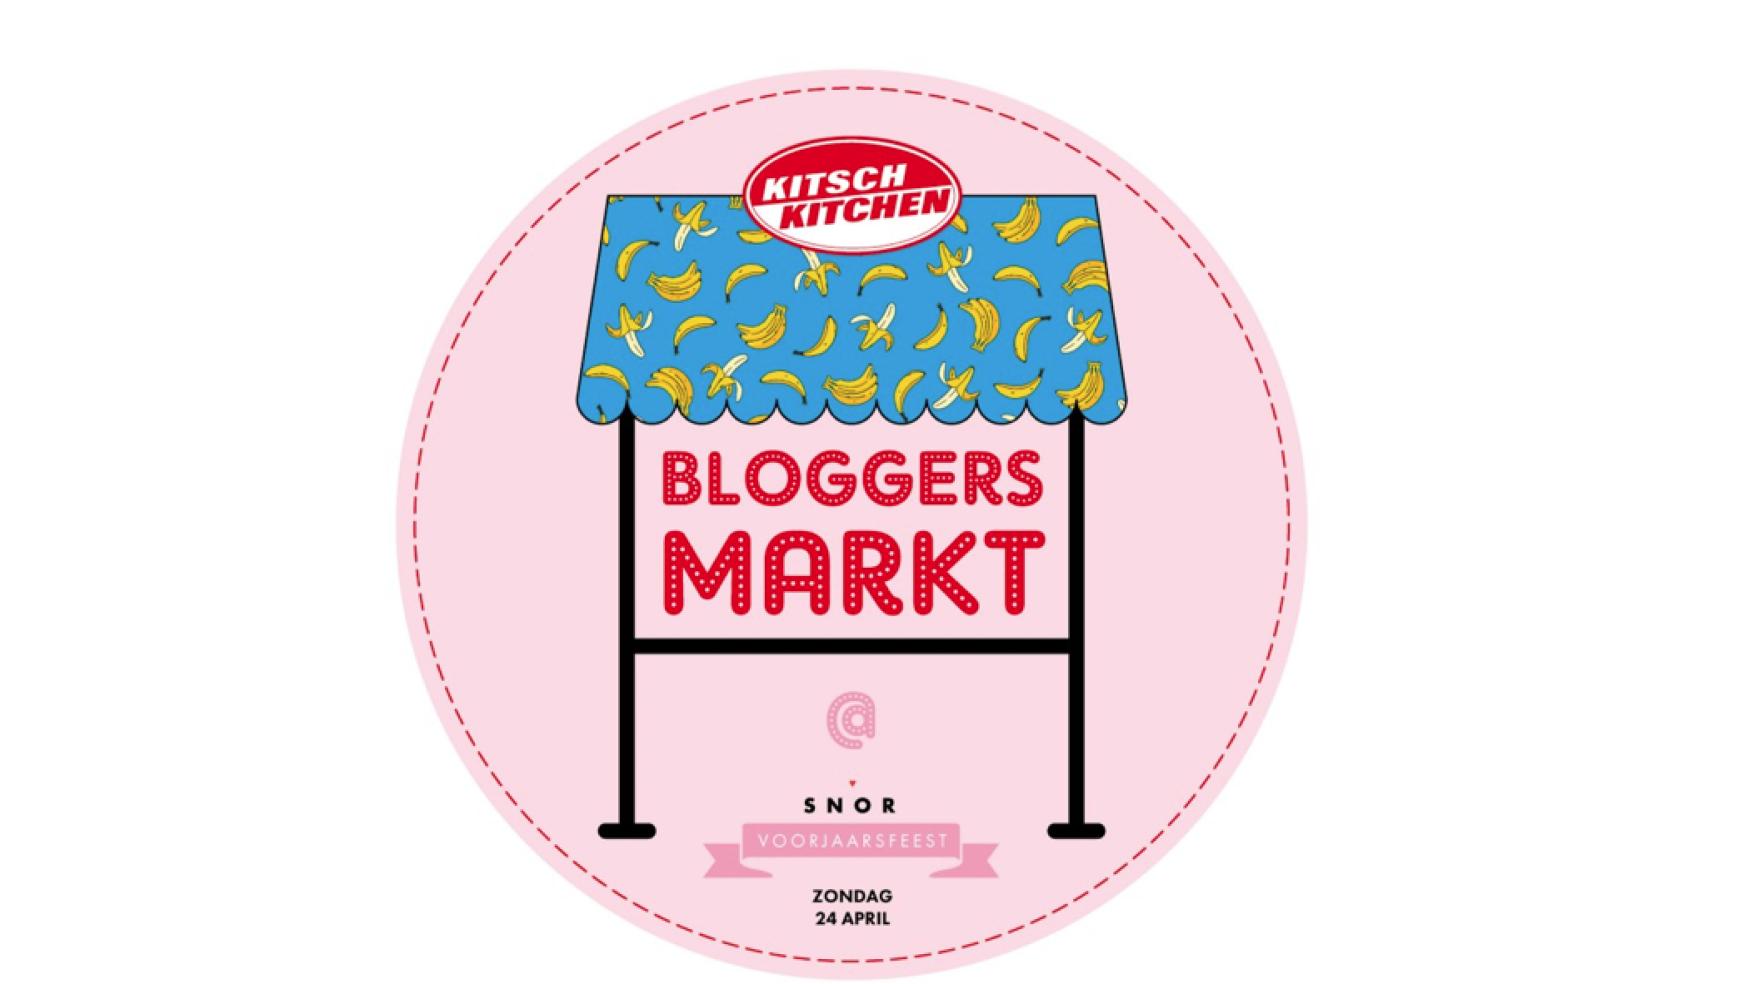 Snorfeest: Bloggersmarkt van Bubblemint en Zilverblauw